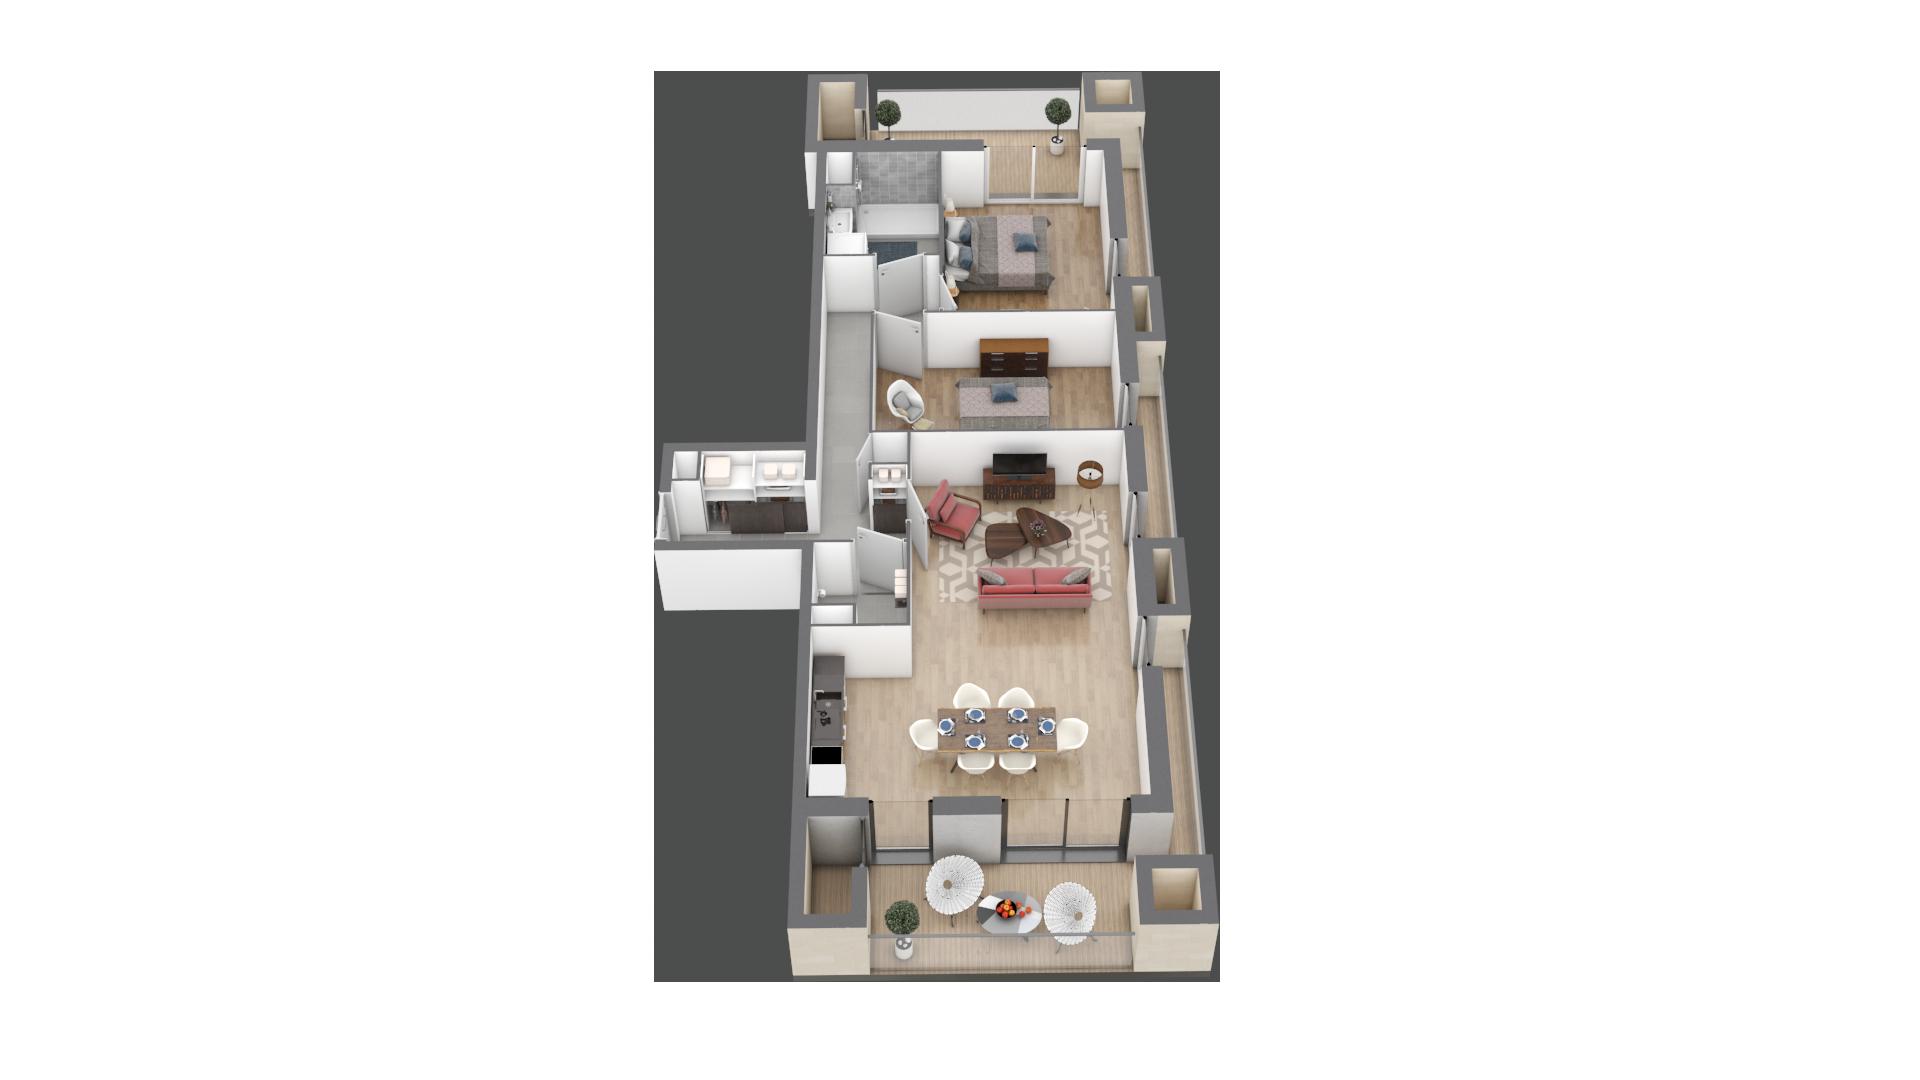 appartement A207 de type T3